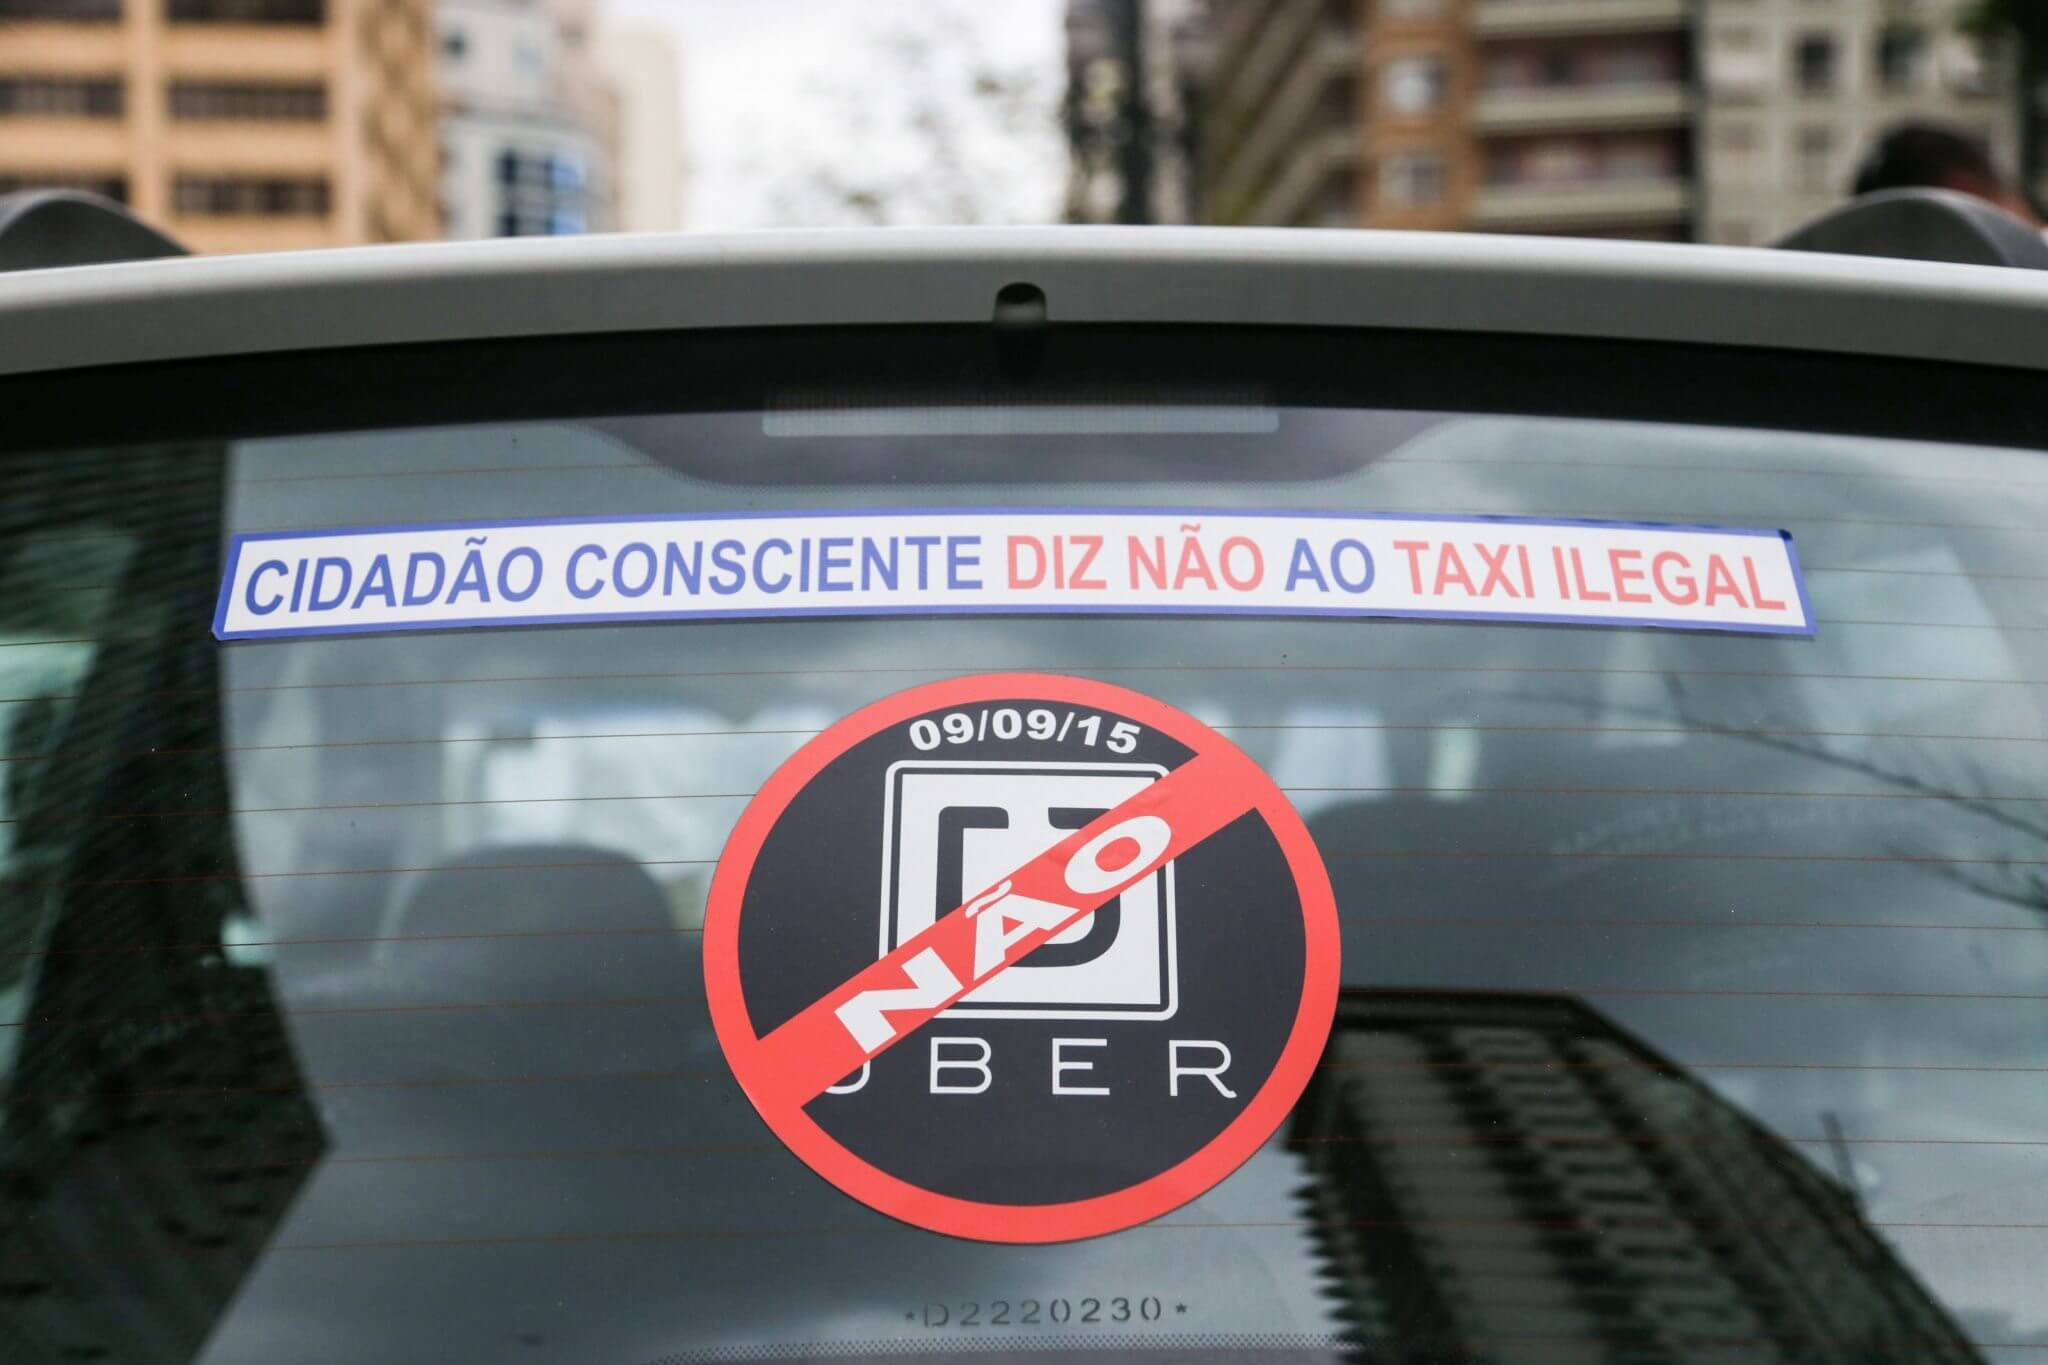 Pp protesto taxistas durante votacao do uber 090920150009